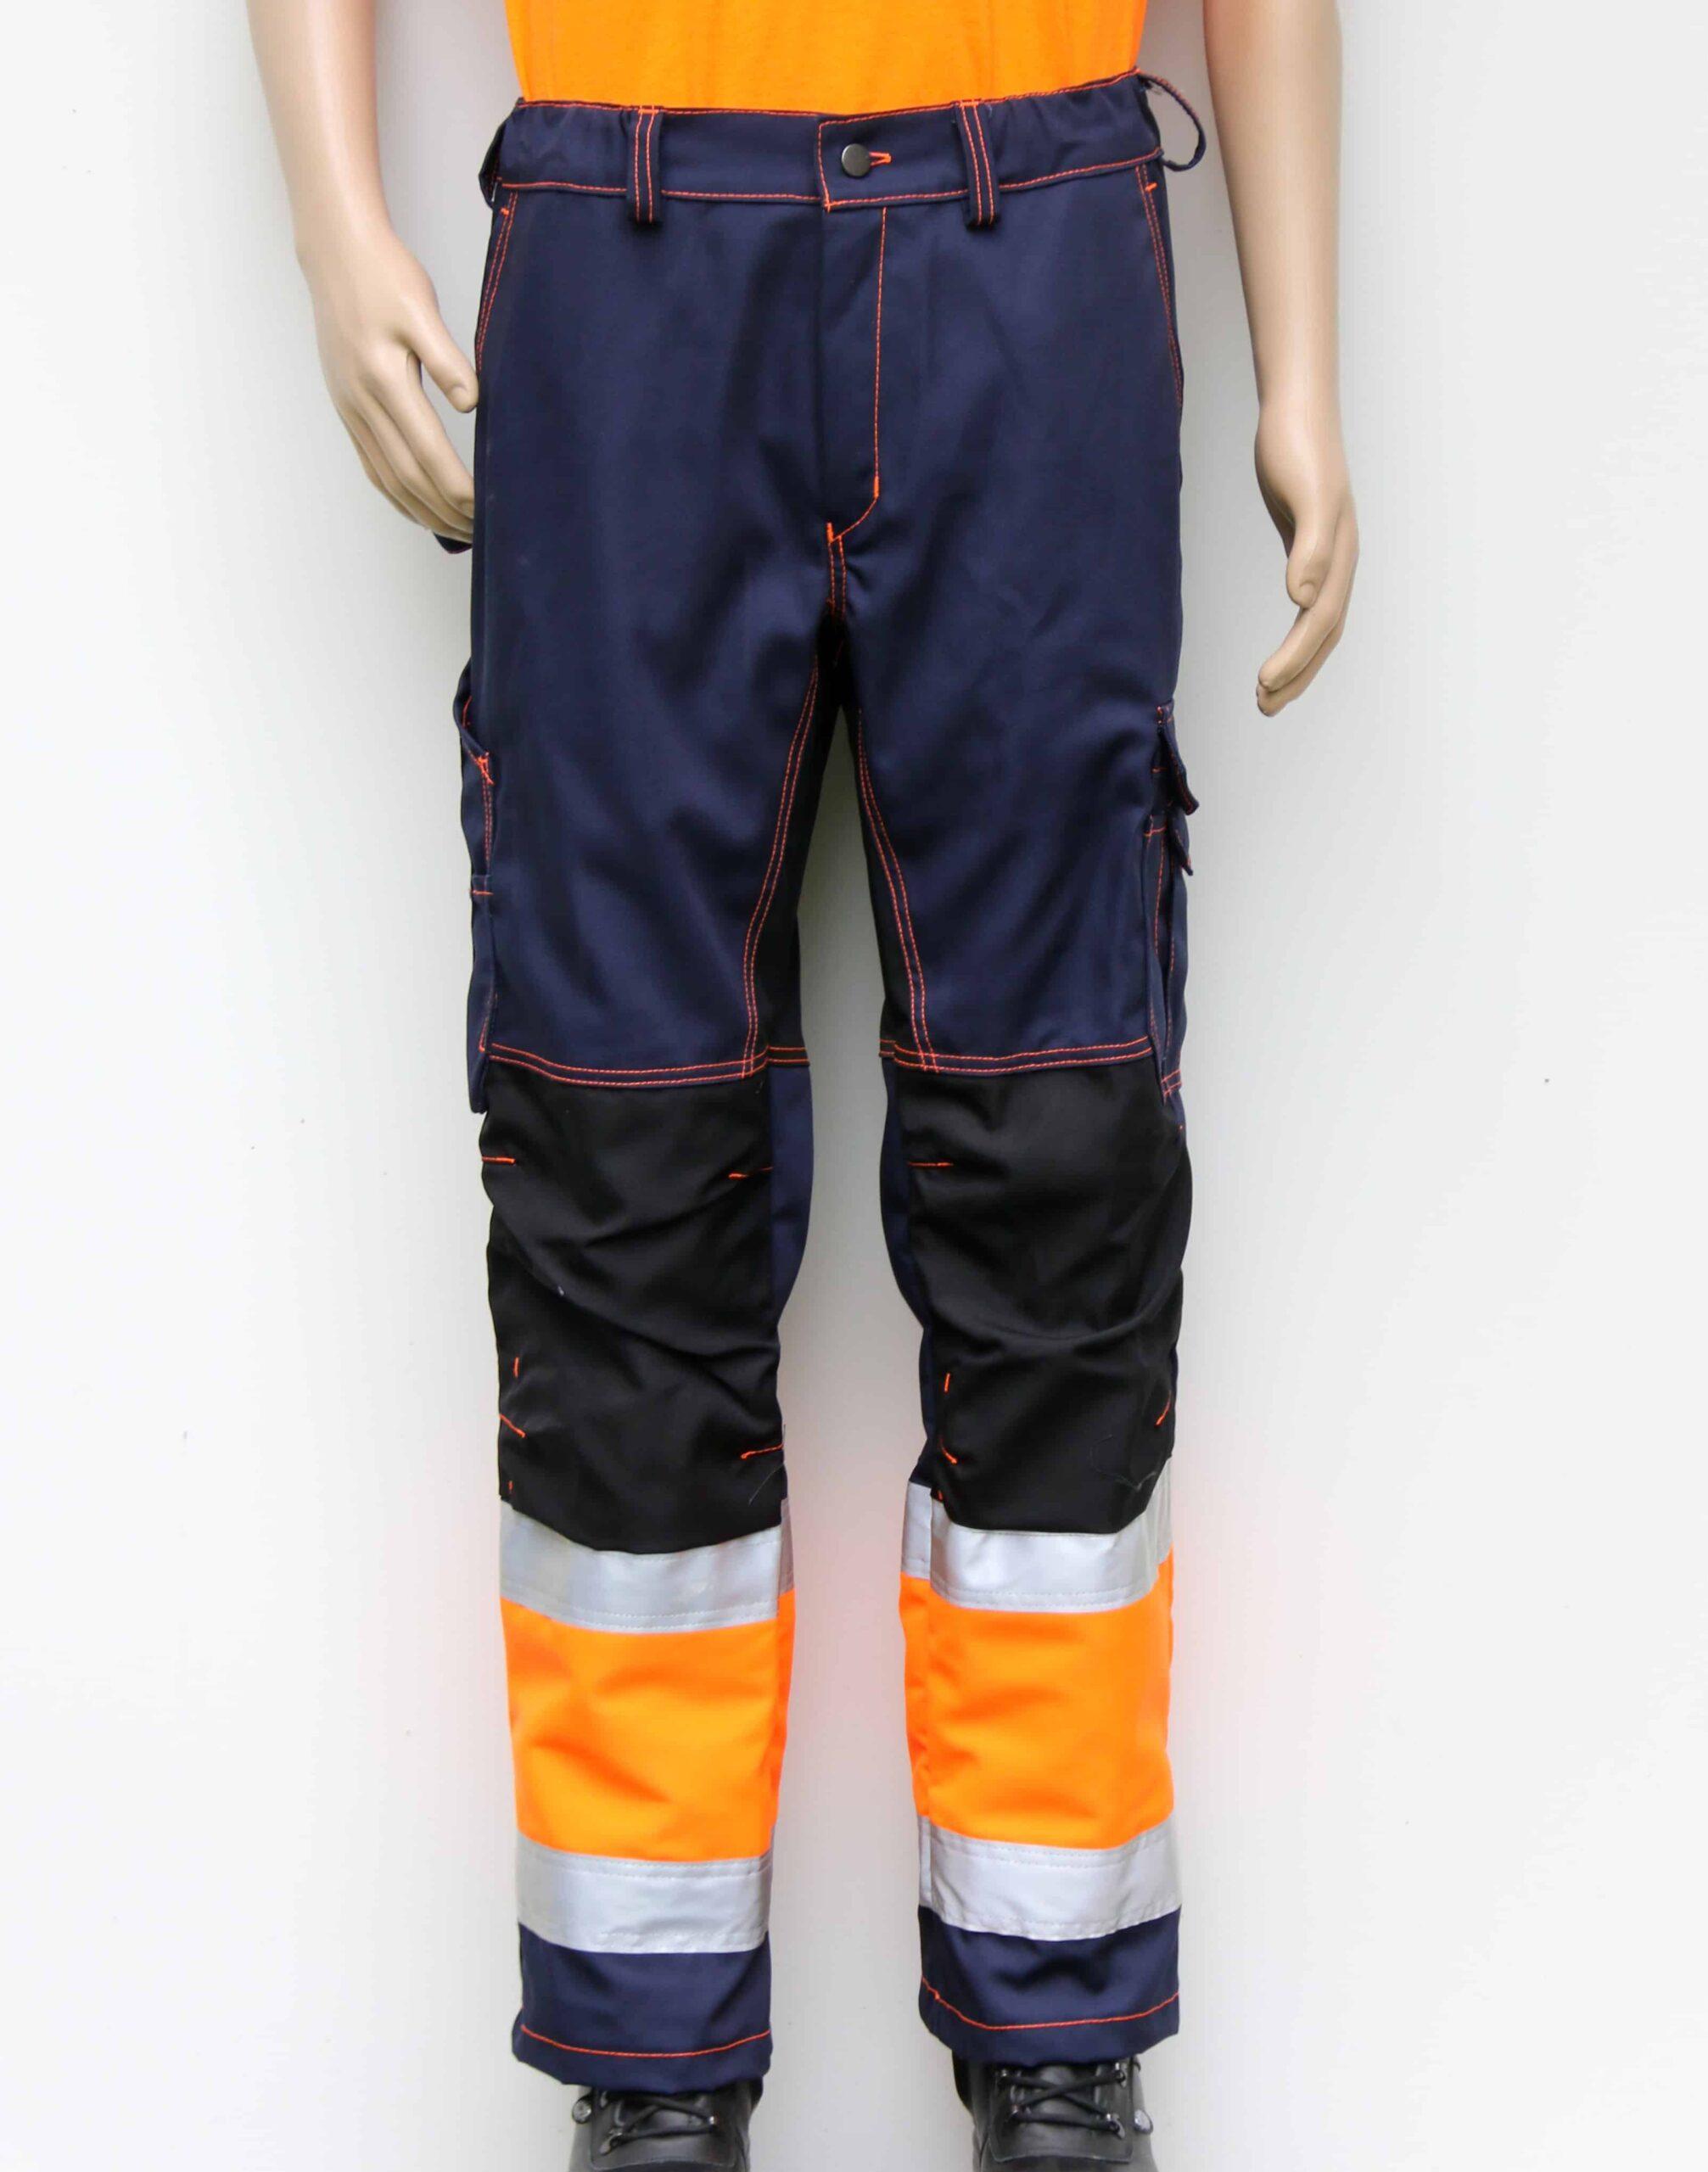 Multinorm sädemekindlad püksid FLAM 6